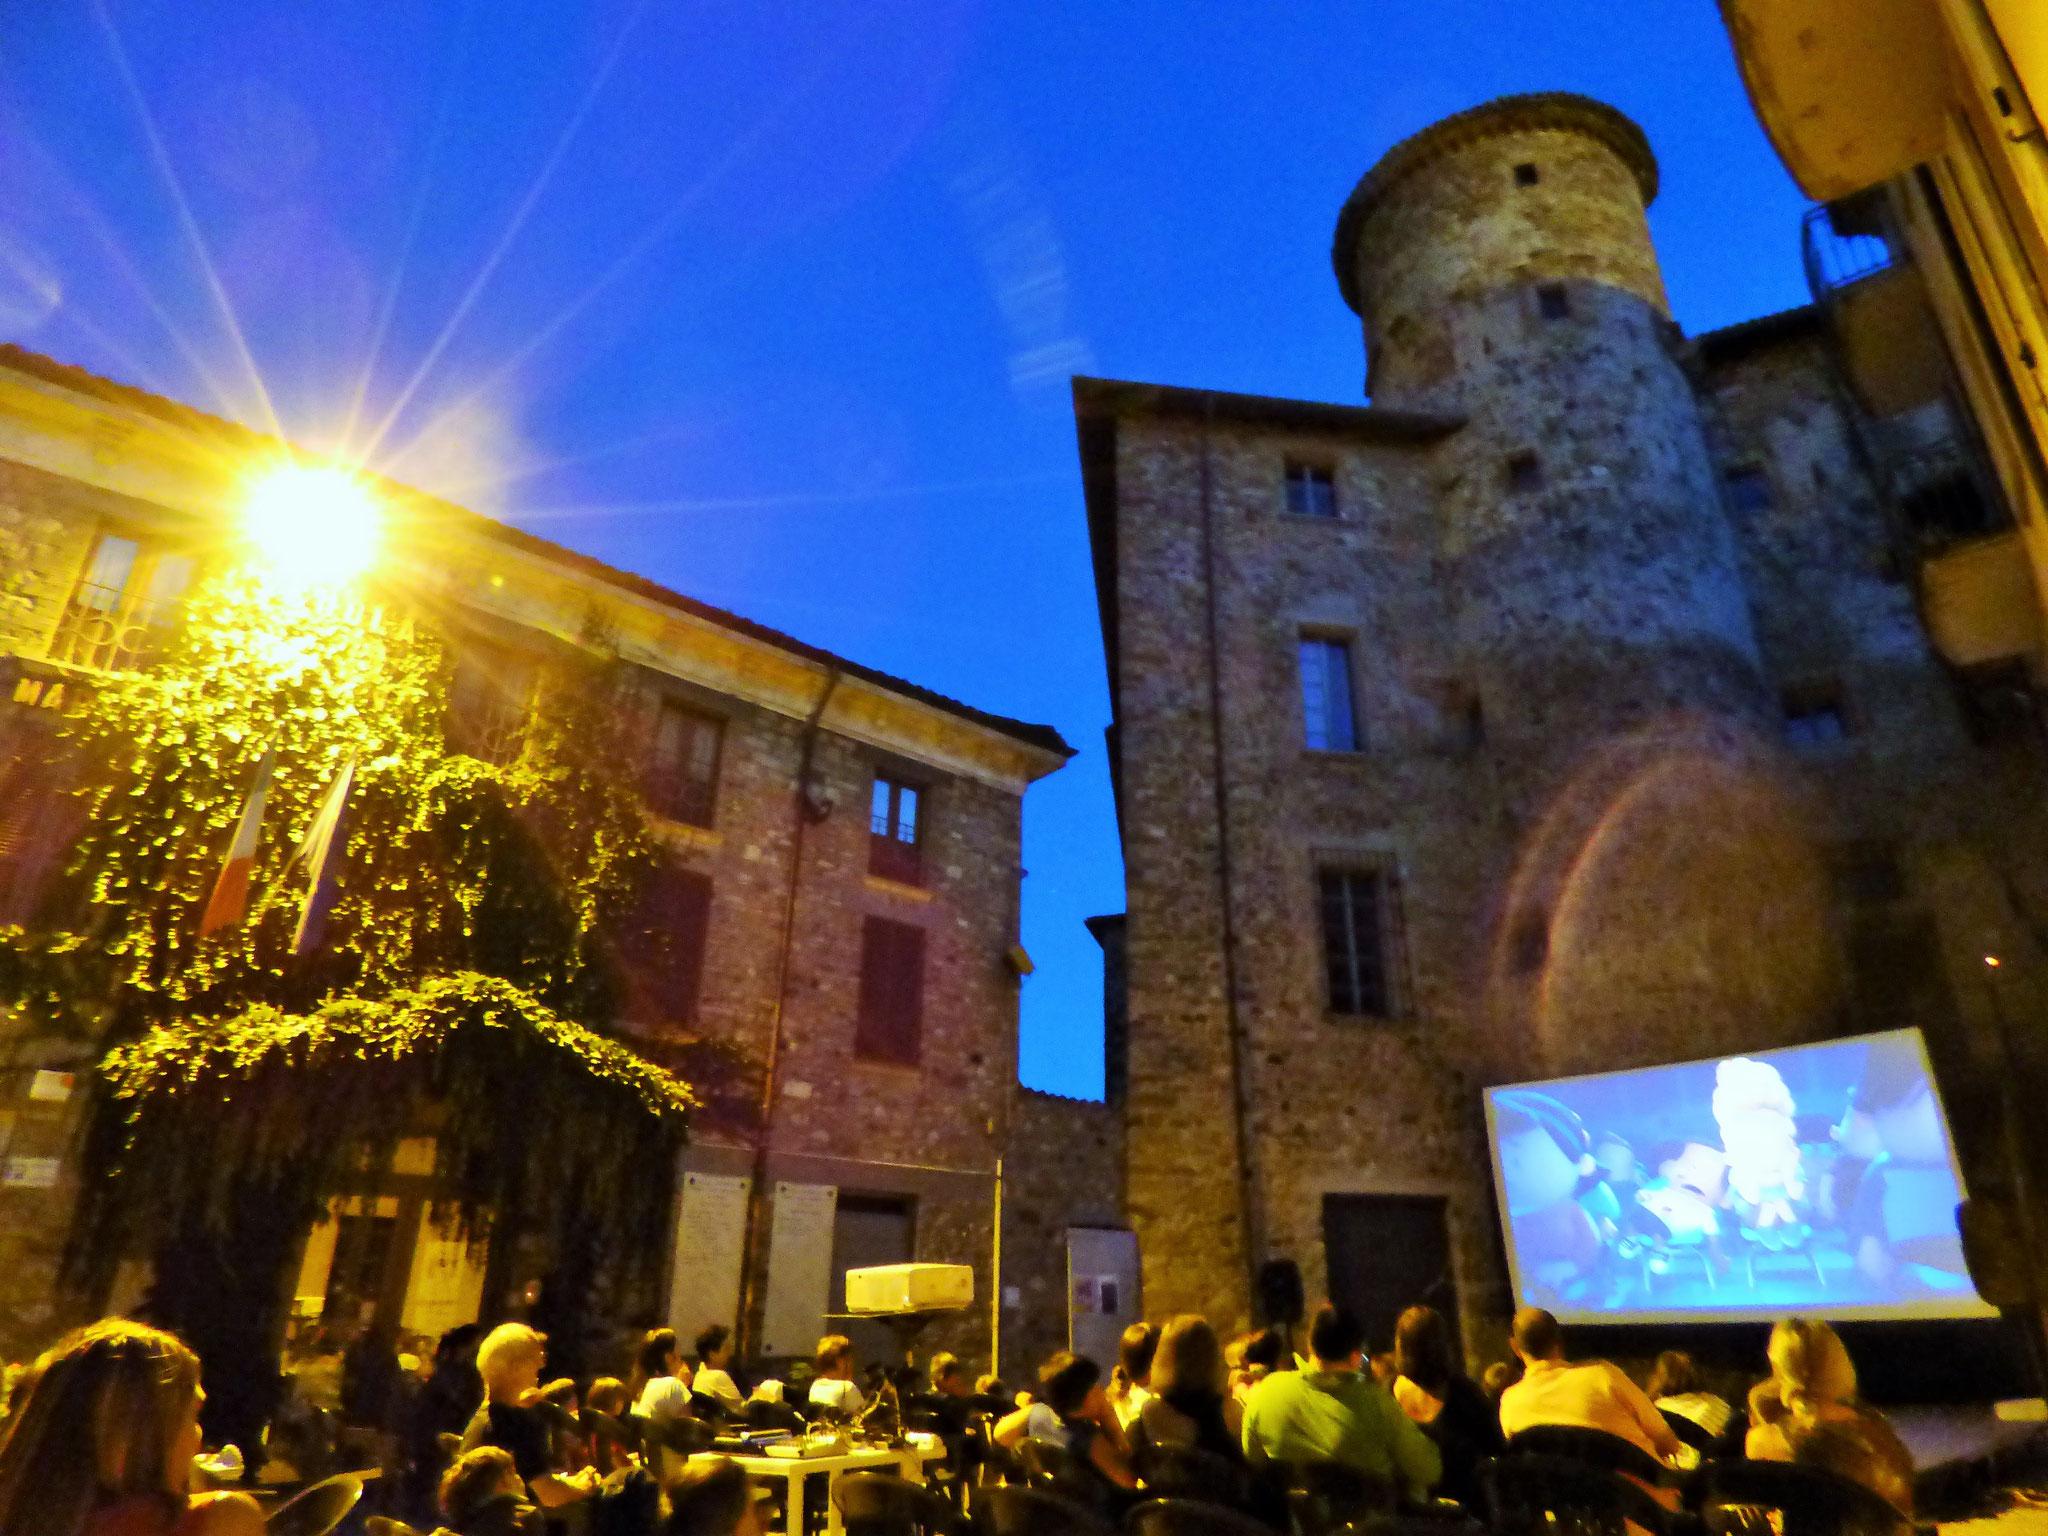 Travo: Piazzetta borgo antico 24 luglio Capitan Mutanda